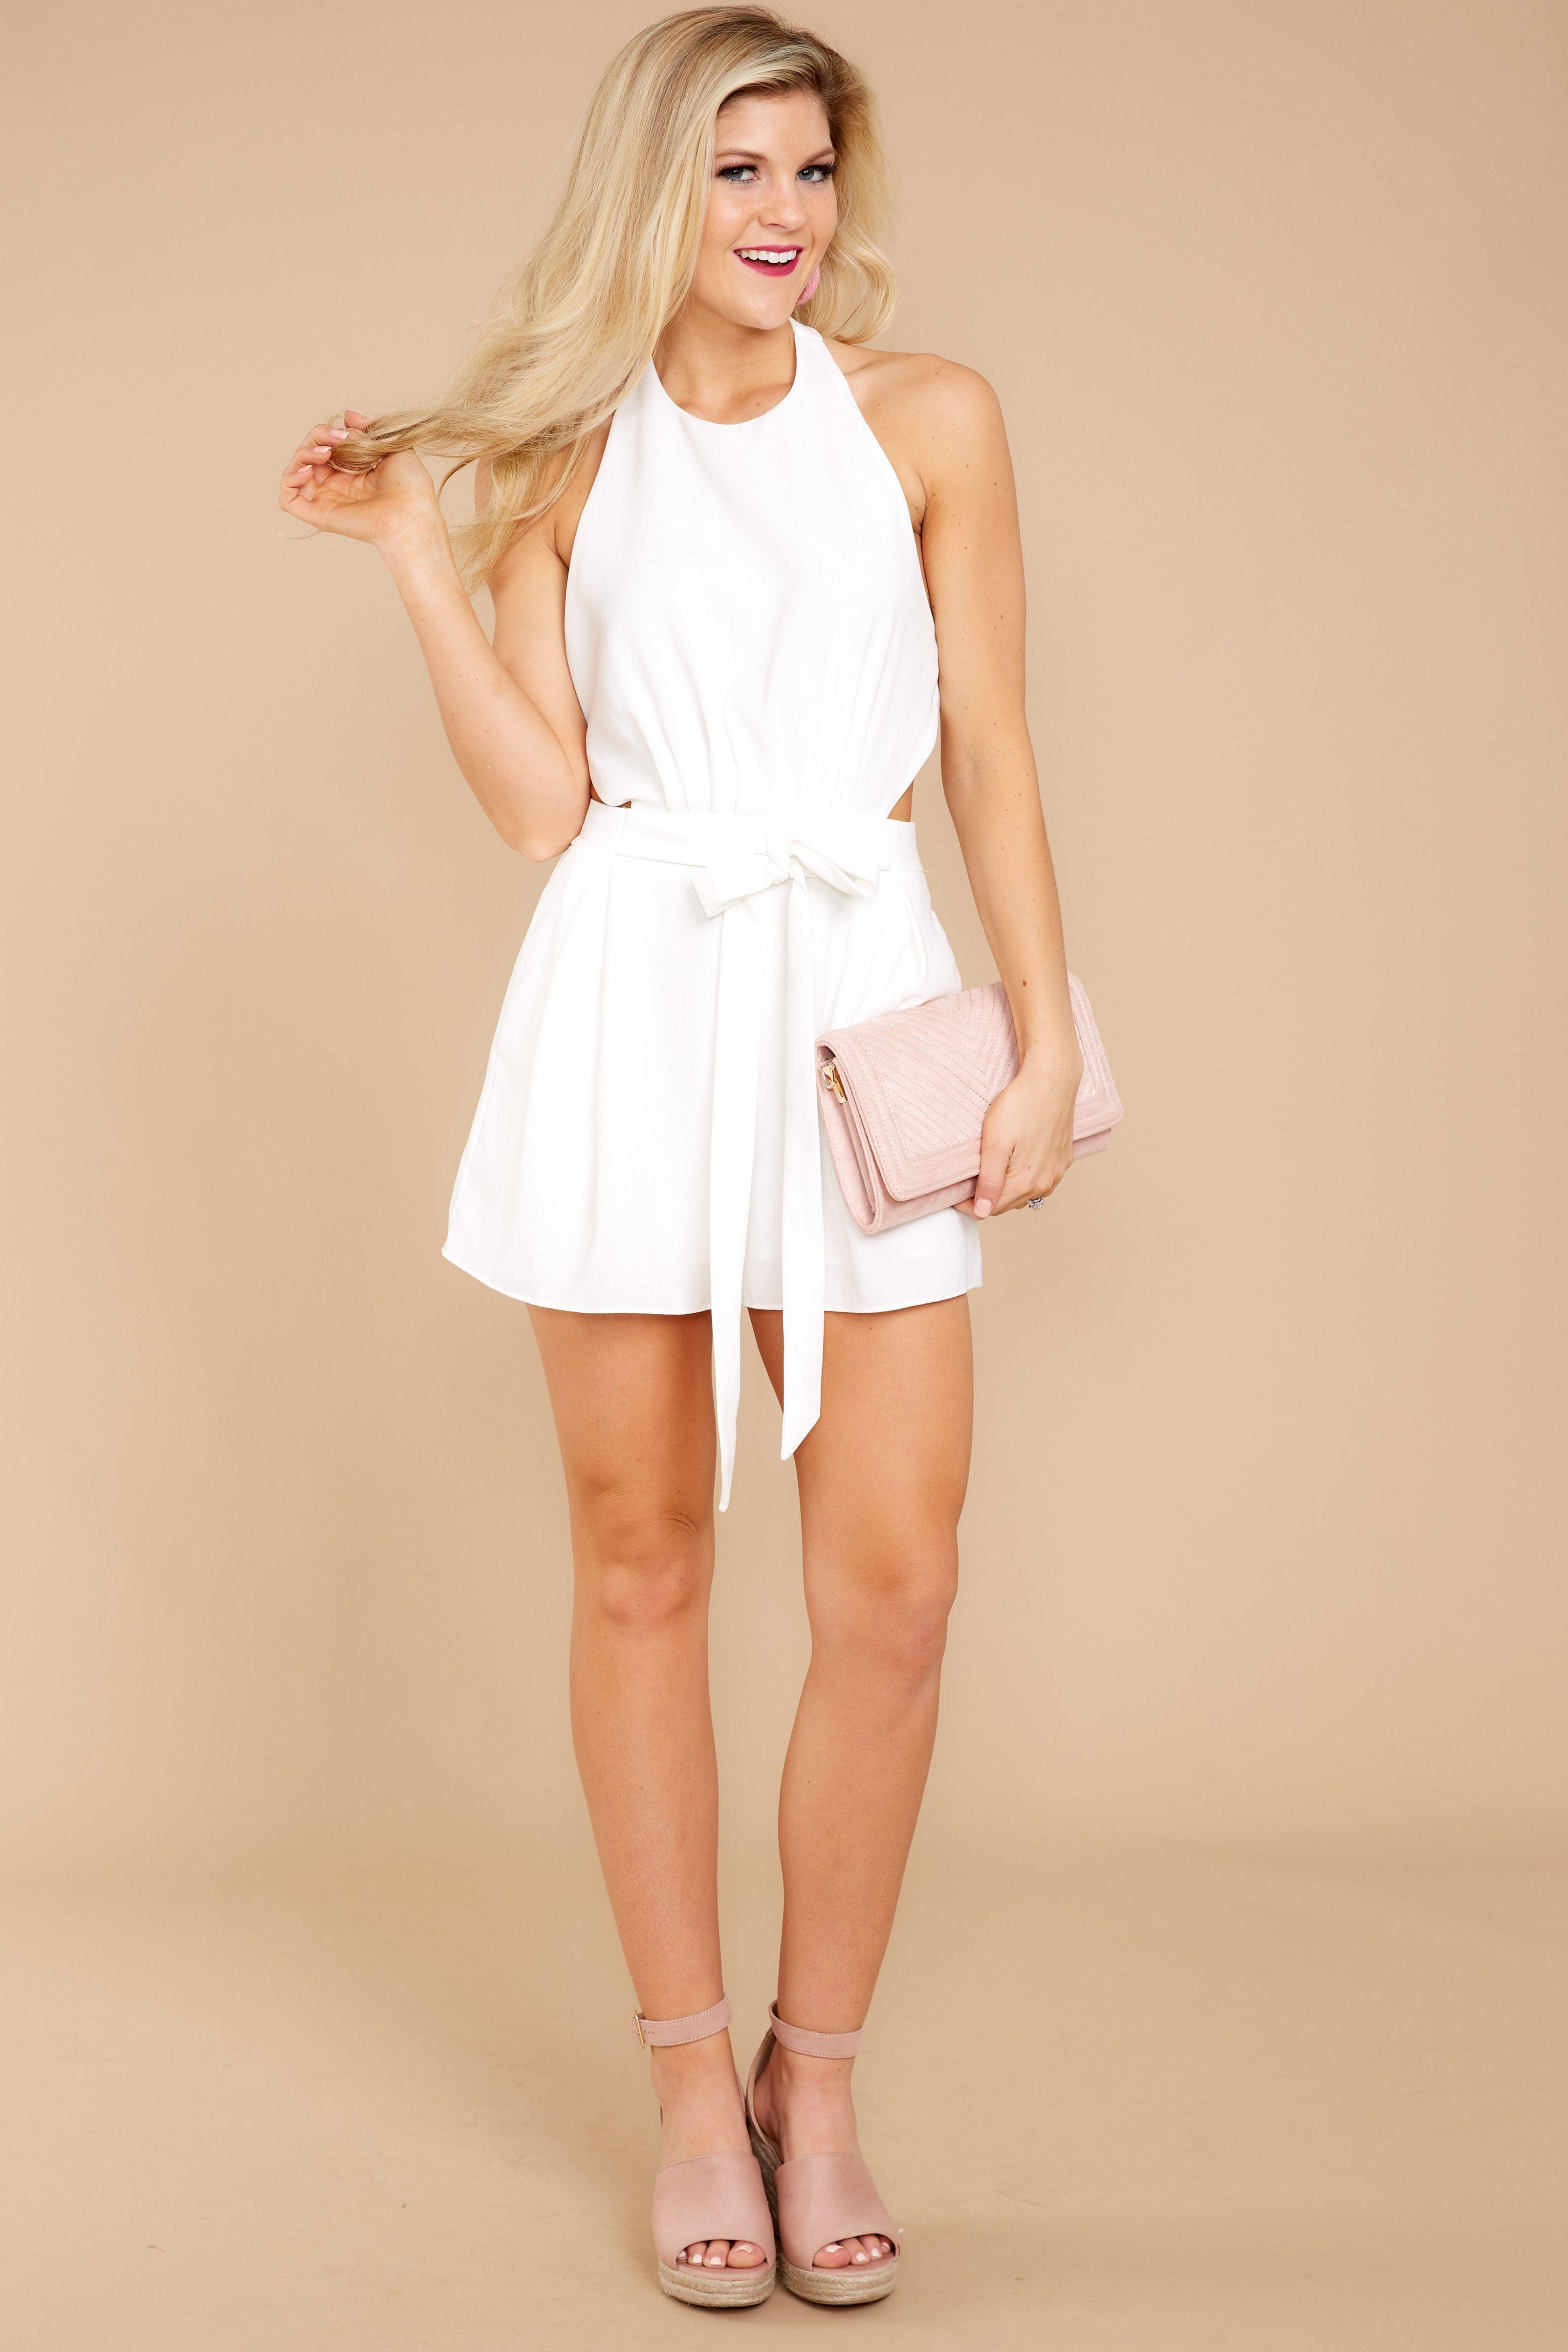 d62e9abc0e Sexy White Romper - Trendy Romper - Romper -  42.00 – Red Dress Boutique